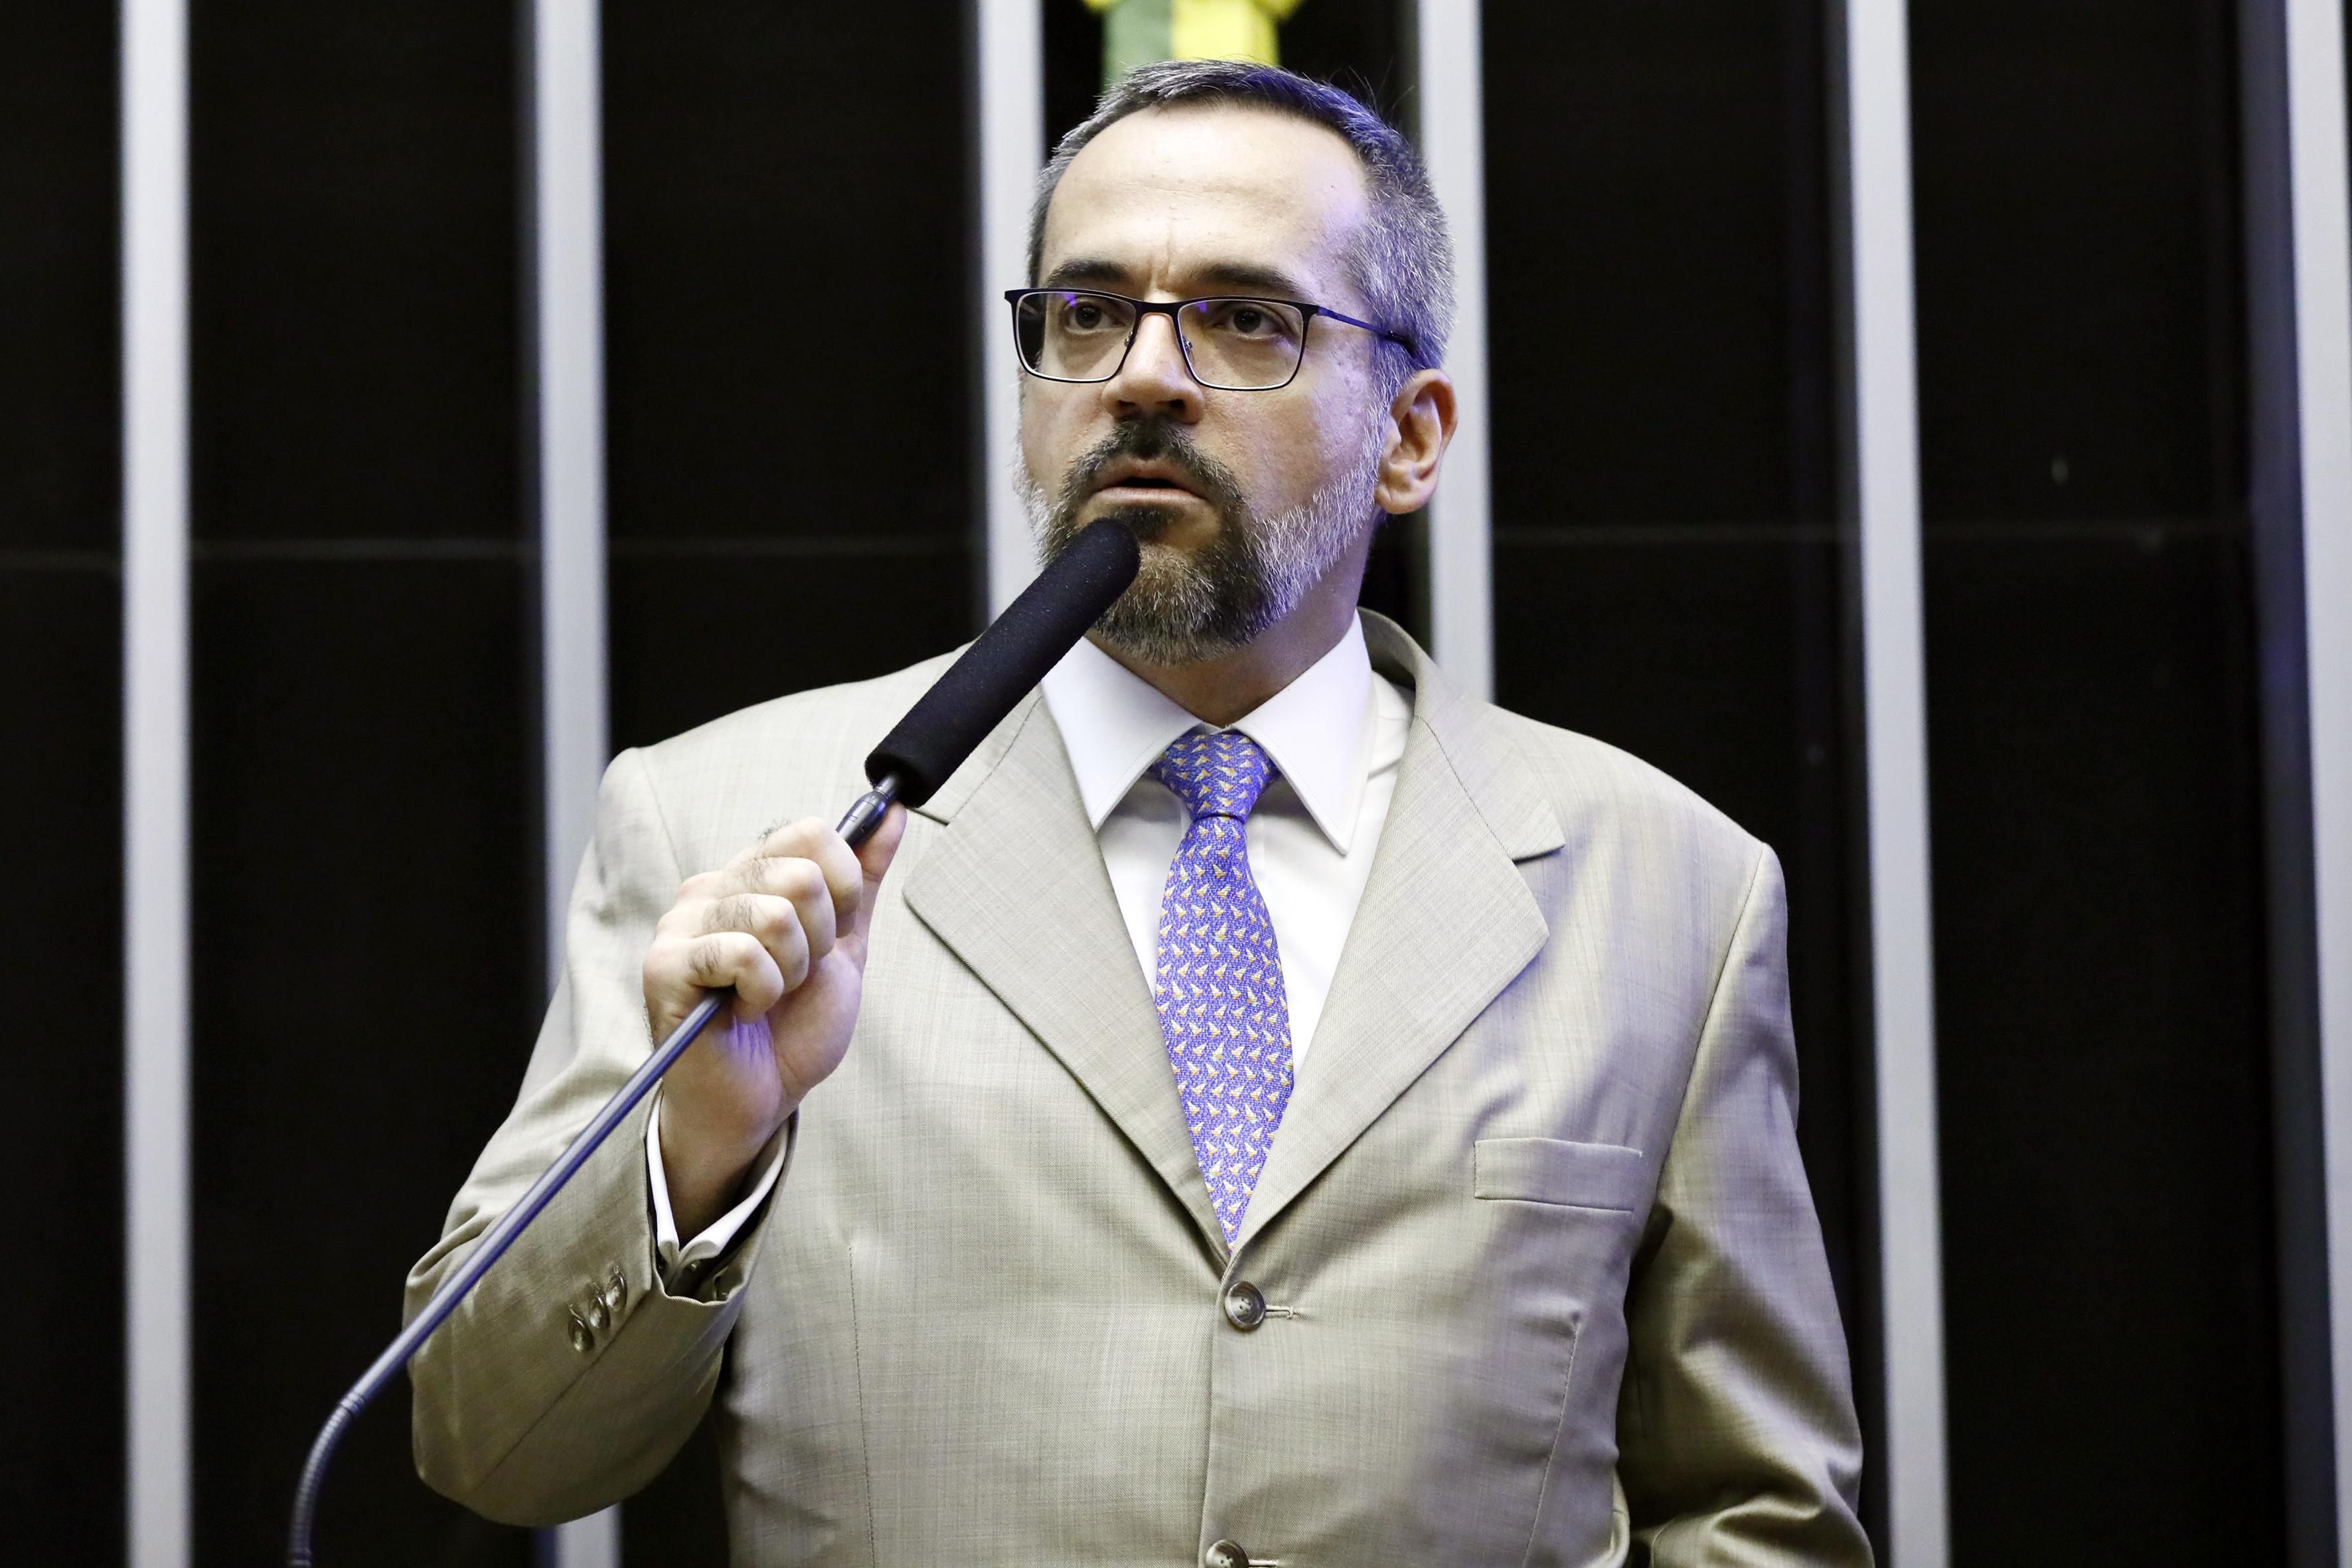 Convocação do ministro da educação, a fim de prestar esclarecimentos acerca dos cortes orçamentários na educação brasileira. Ministro da educação, sr. Abraham Weintraub